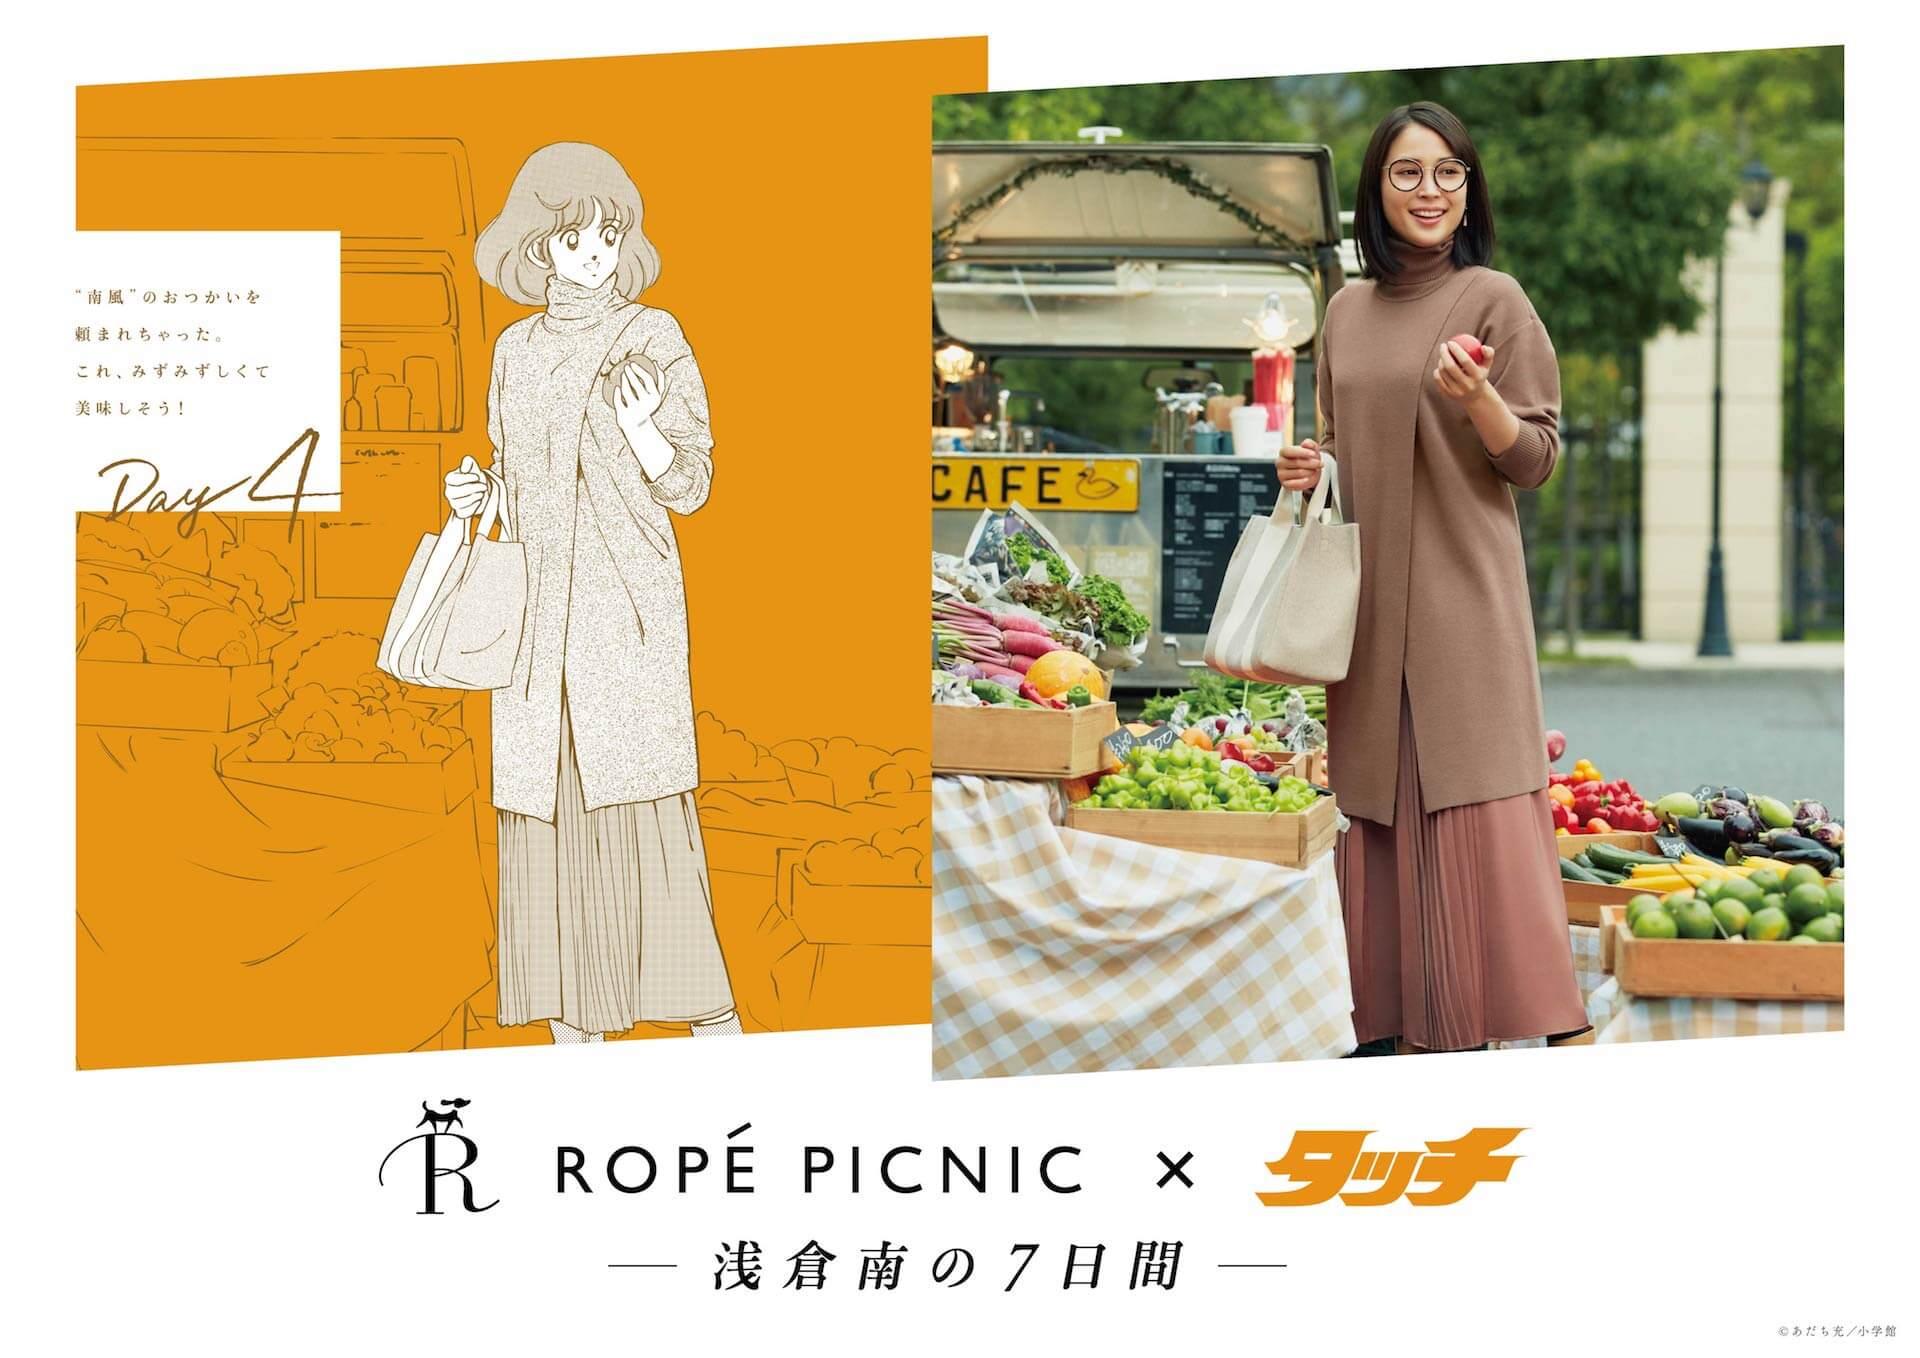 広瀬アリスが「タッチ」南ちゃんに!インタビューでは「かわいいにまっすぐ」なことについて語る life-fashion191125-ropepicnic-hirosealice-5